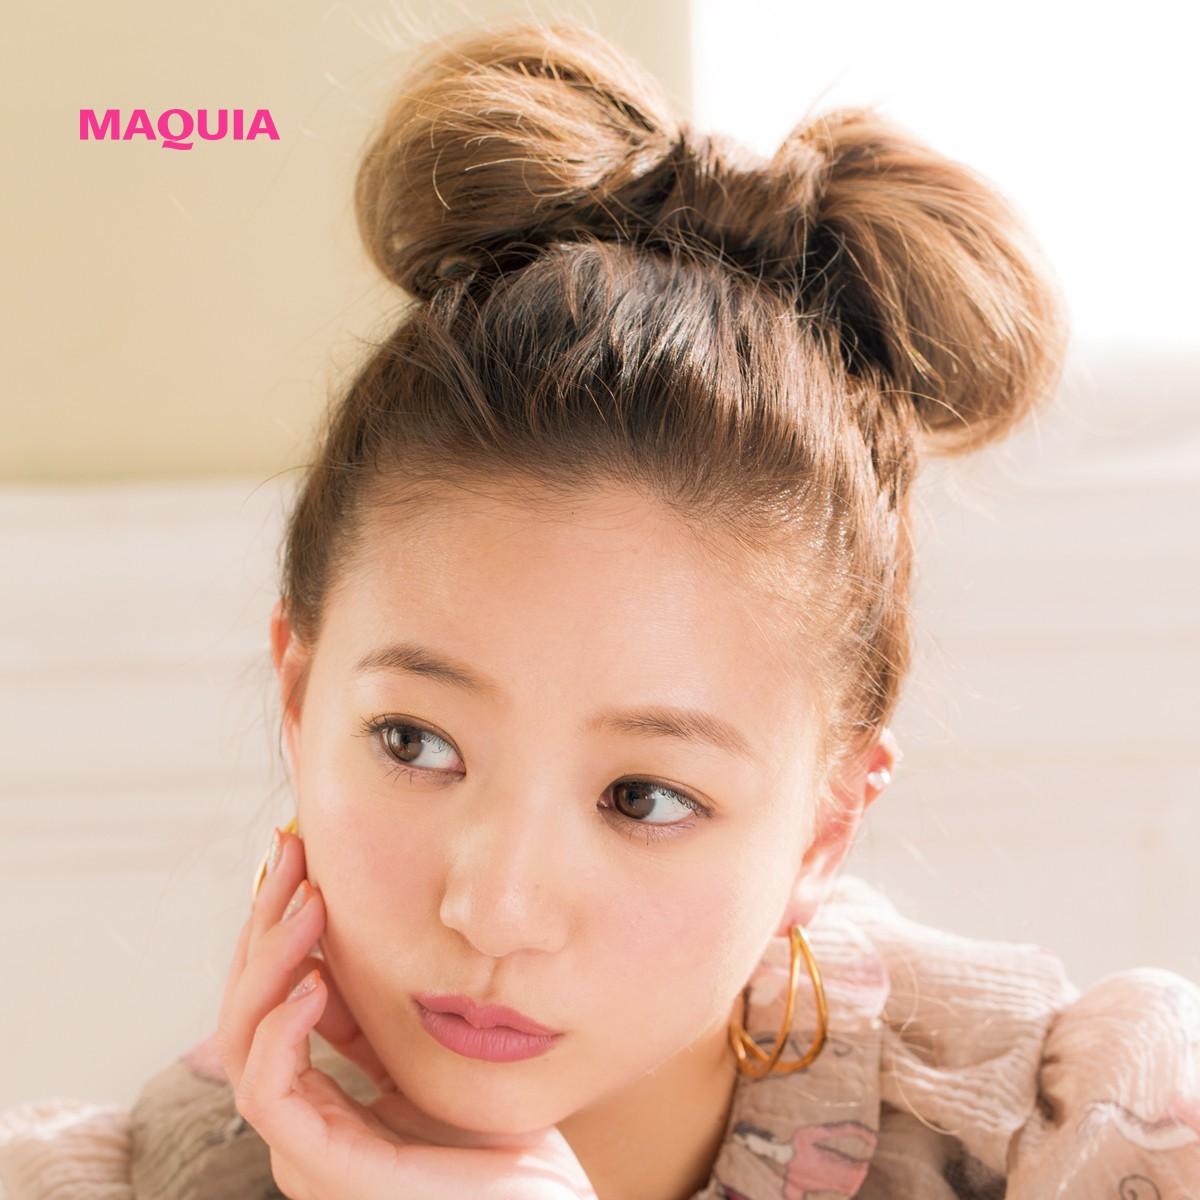 AAA伊藤千晃ちゃんが発信♡ 女子モテが狙える個性的なヘアアレンジ2パターン